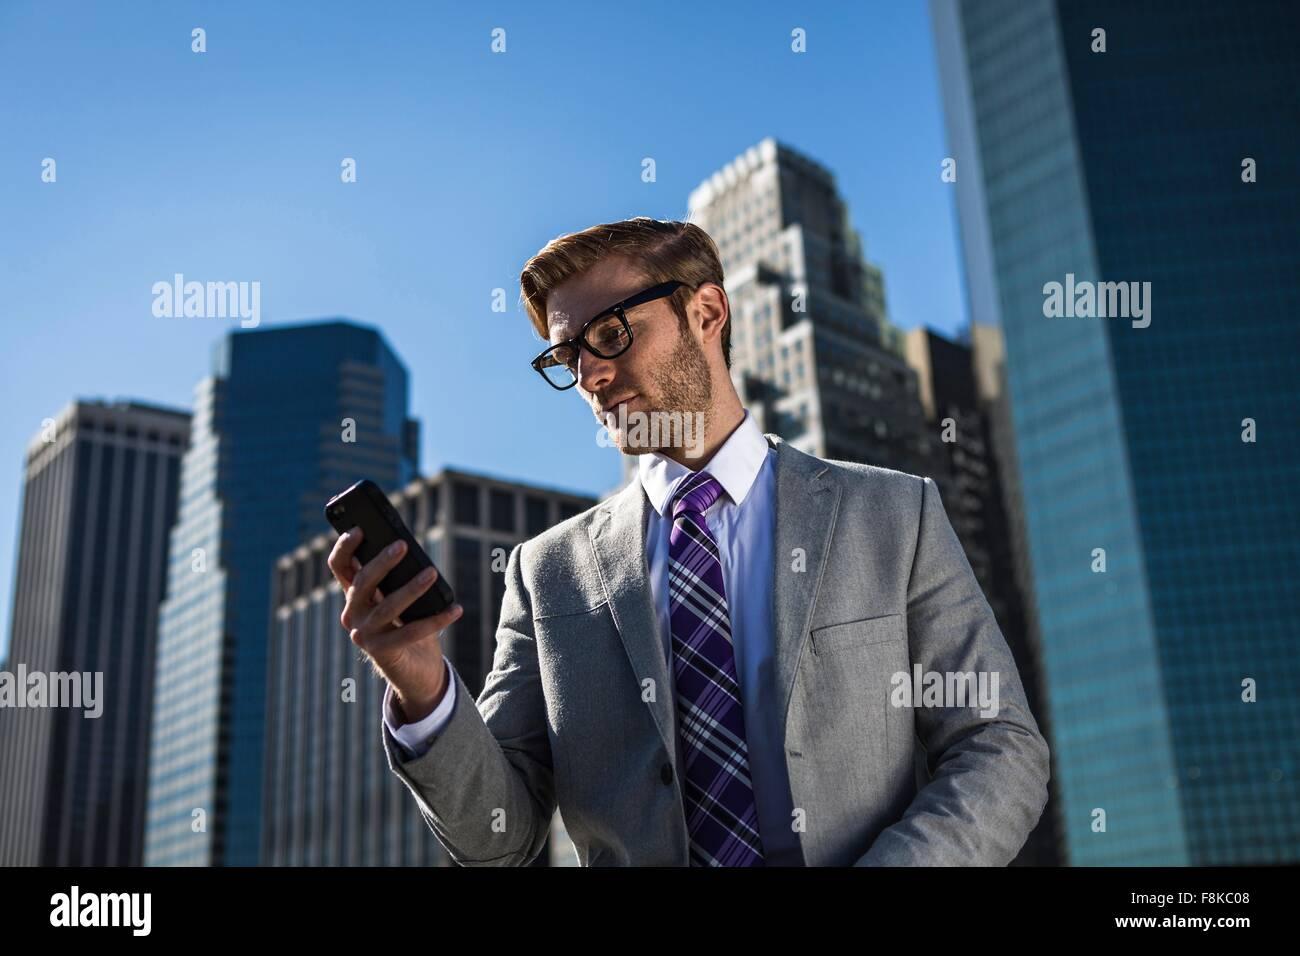 Jeune homme d'en face du bâtiment de bureaux lecture textes smartphone, New York, USA Photo Stock